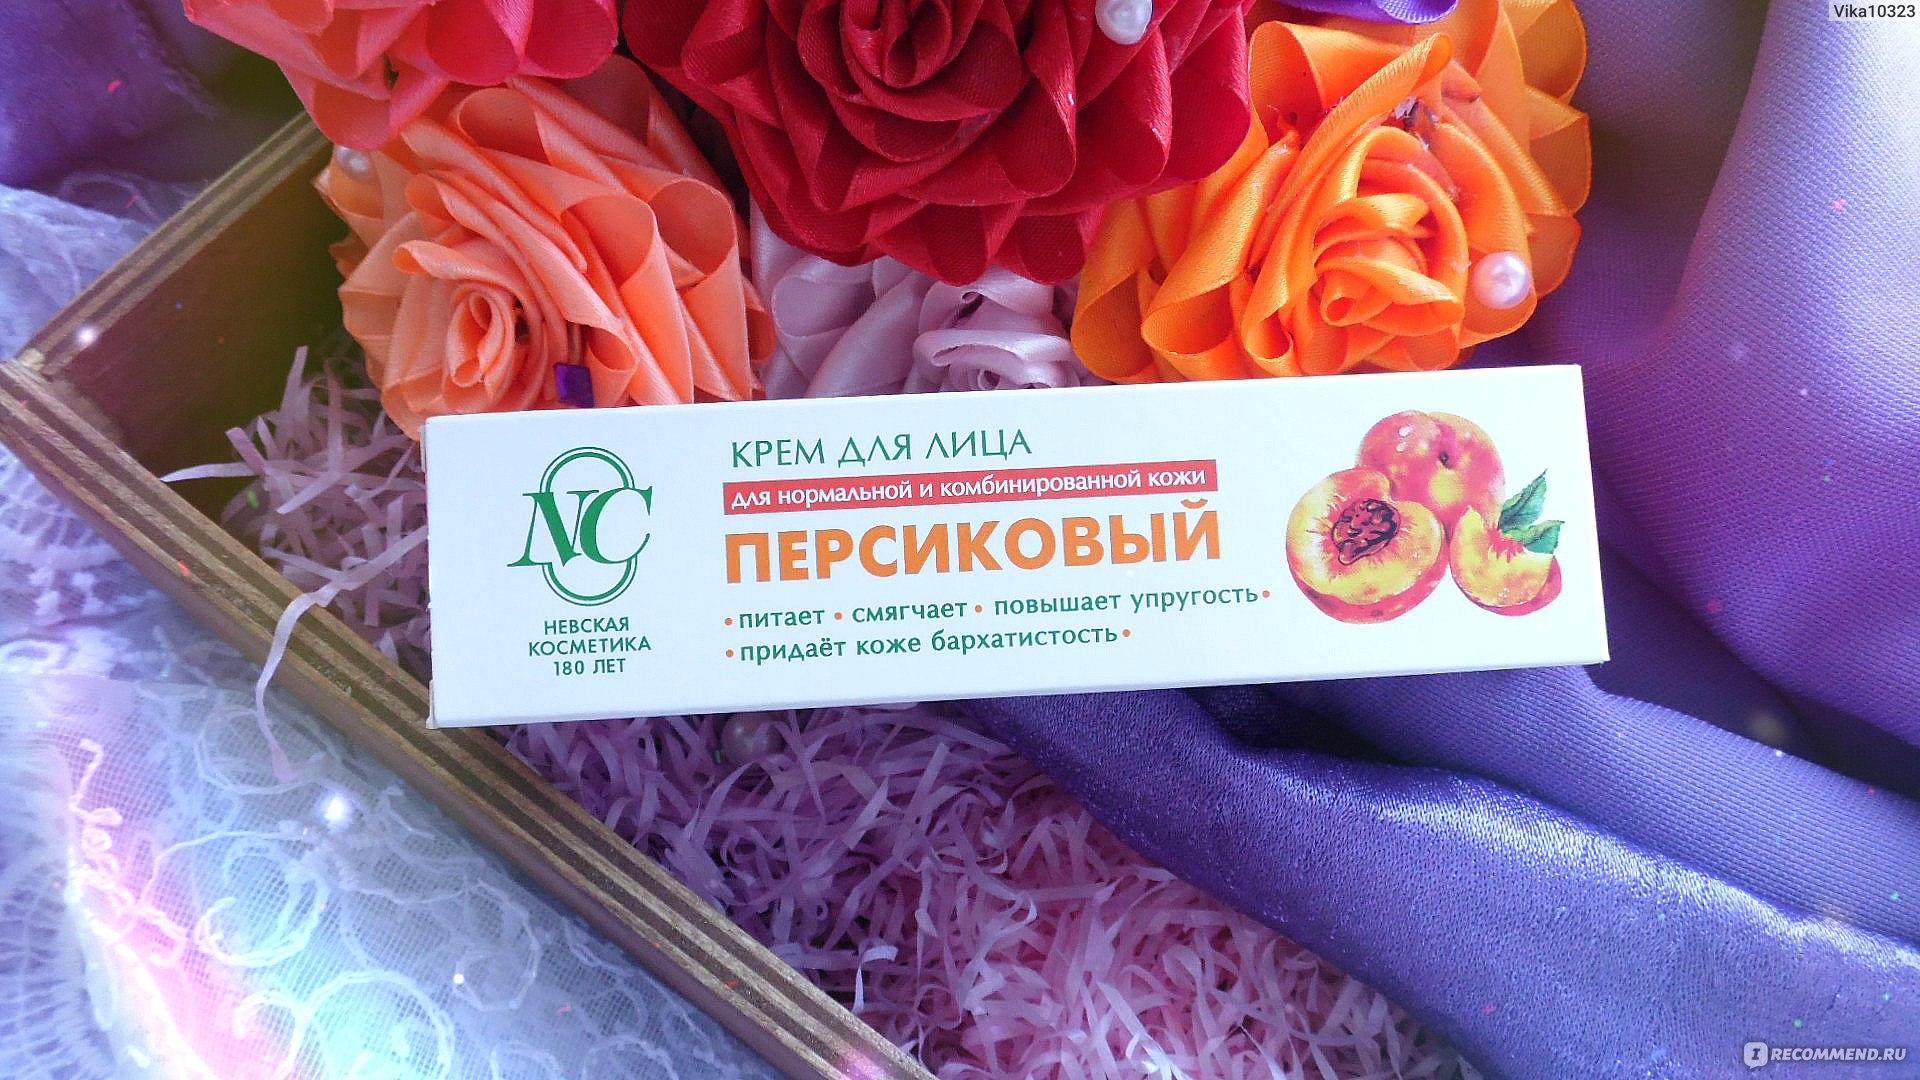 Где купить невскую косметику в челябинске купить косметику essence в харькове